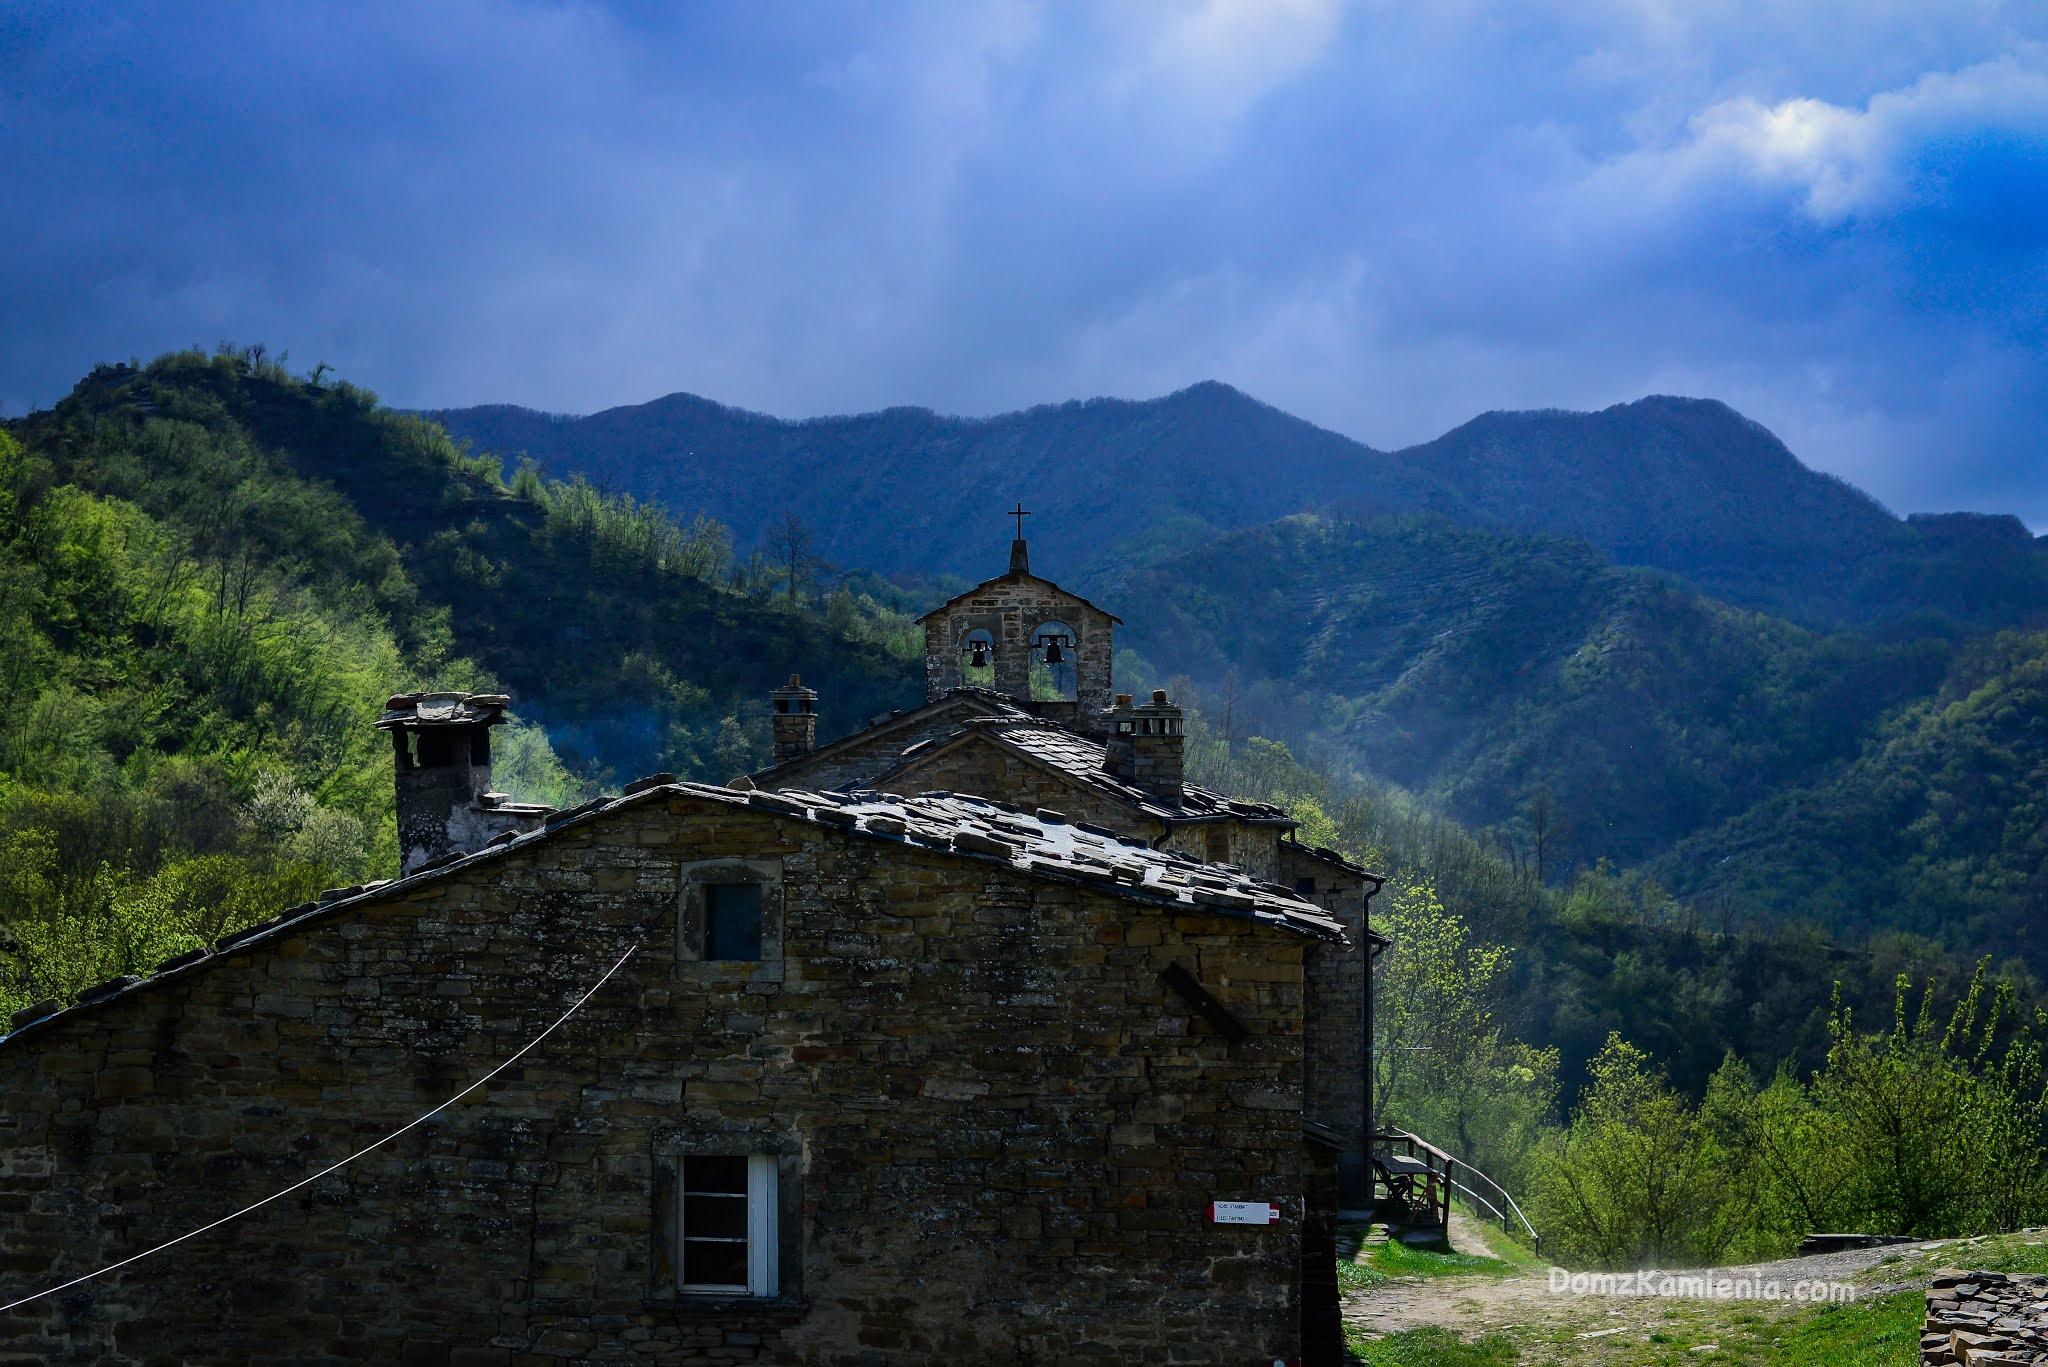 Dom z Kamienia blog o życiu w Toskanii, trekking, Marradi